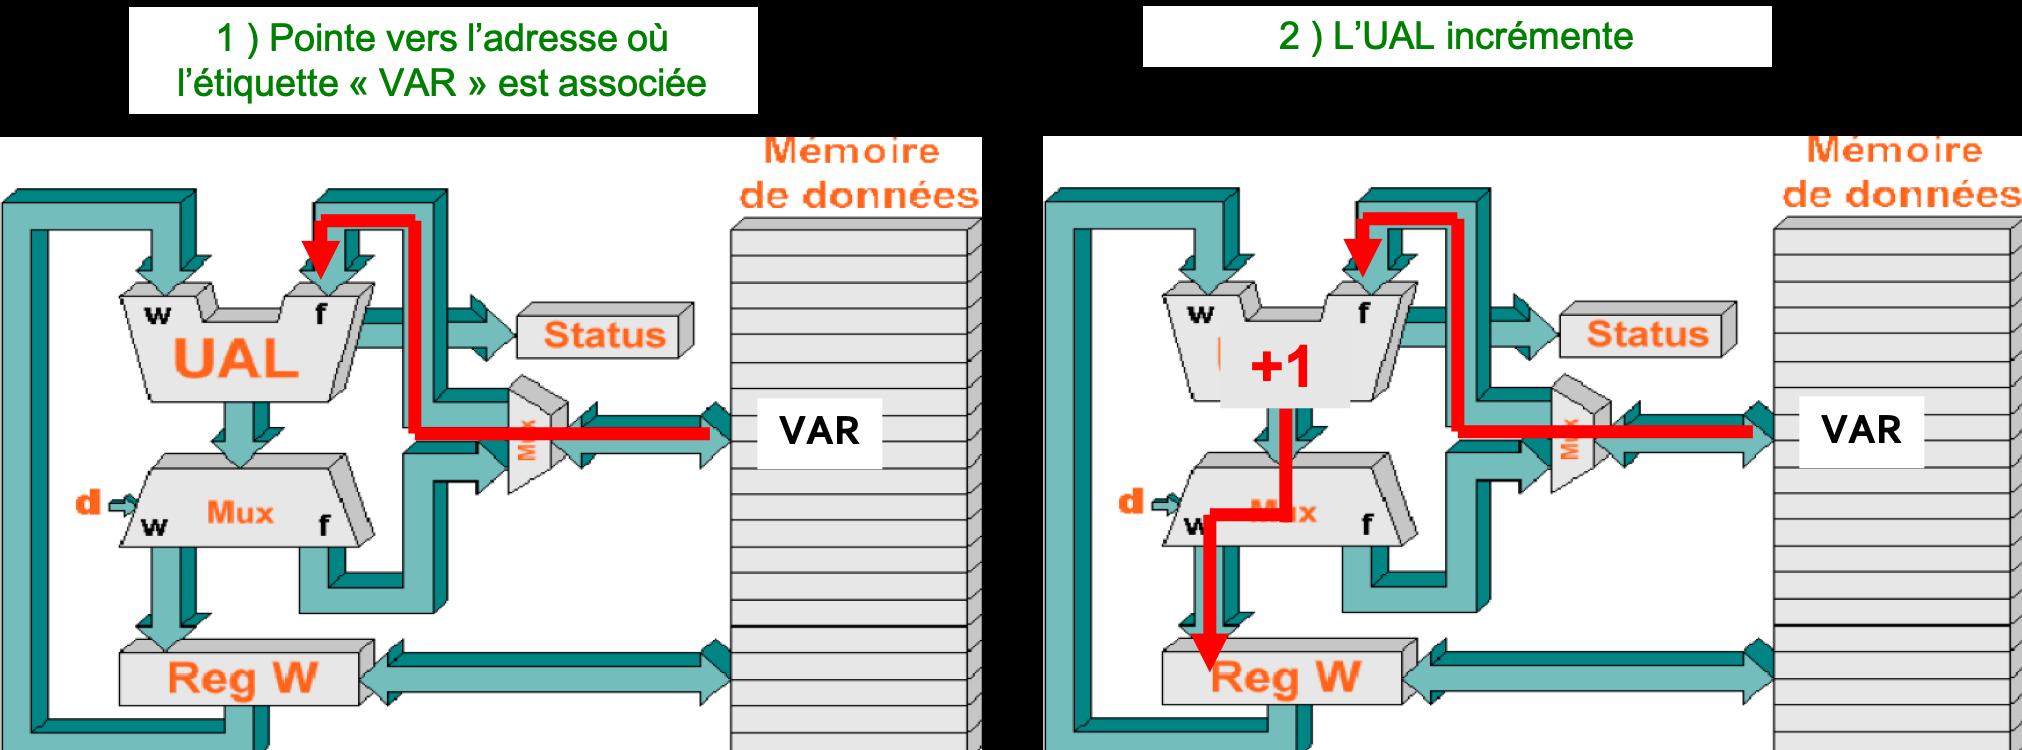 Abrégé de la séquence d'actions cachées par l'exécution de l'instruction INCFVAR